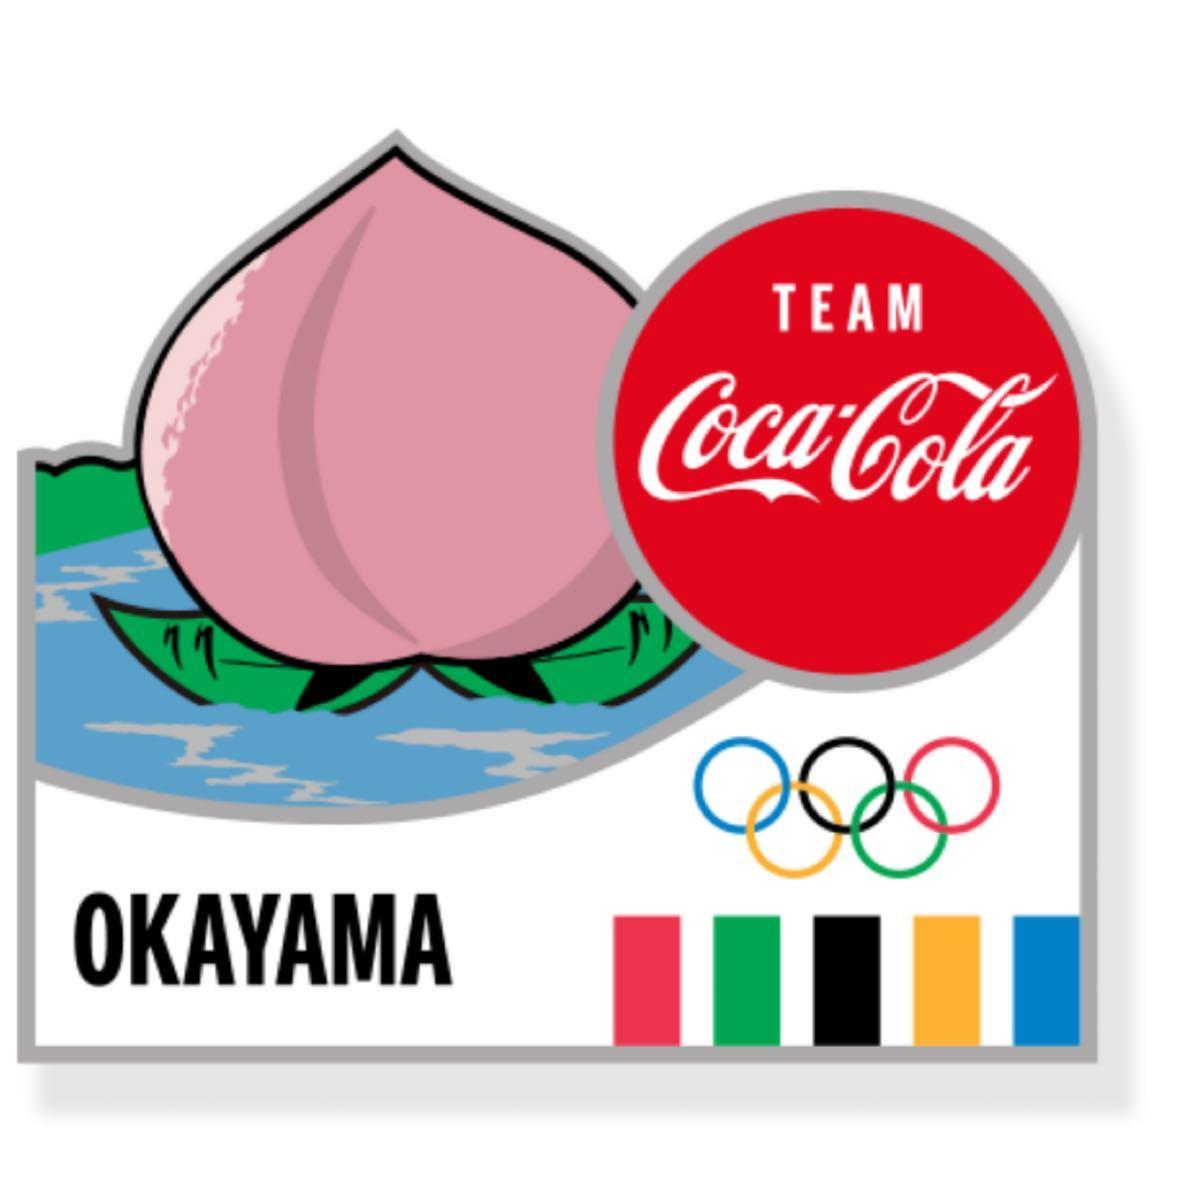 コカコーラ 東京オリンピック ピンバッジ 都道府県 岡山県 ピンバッチ